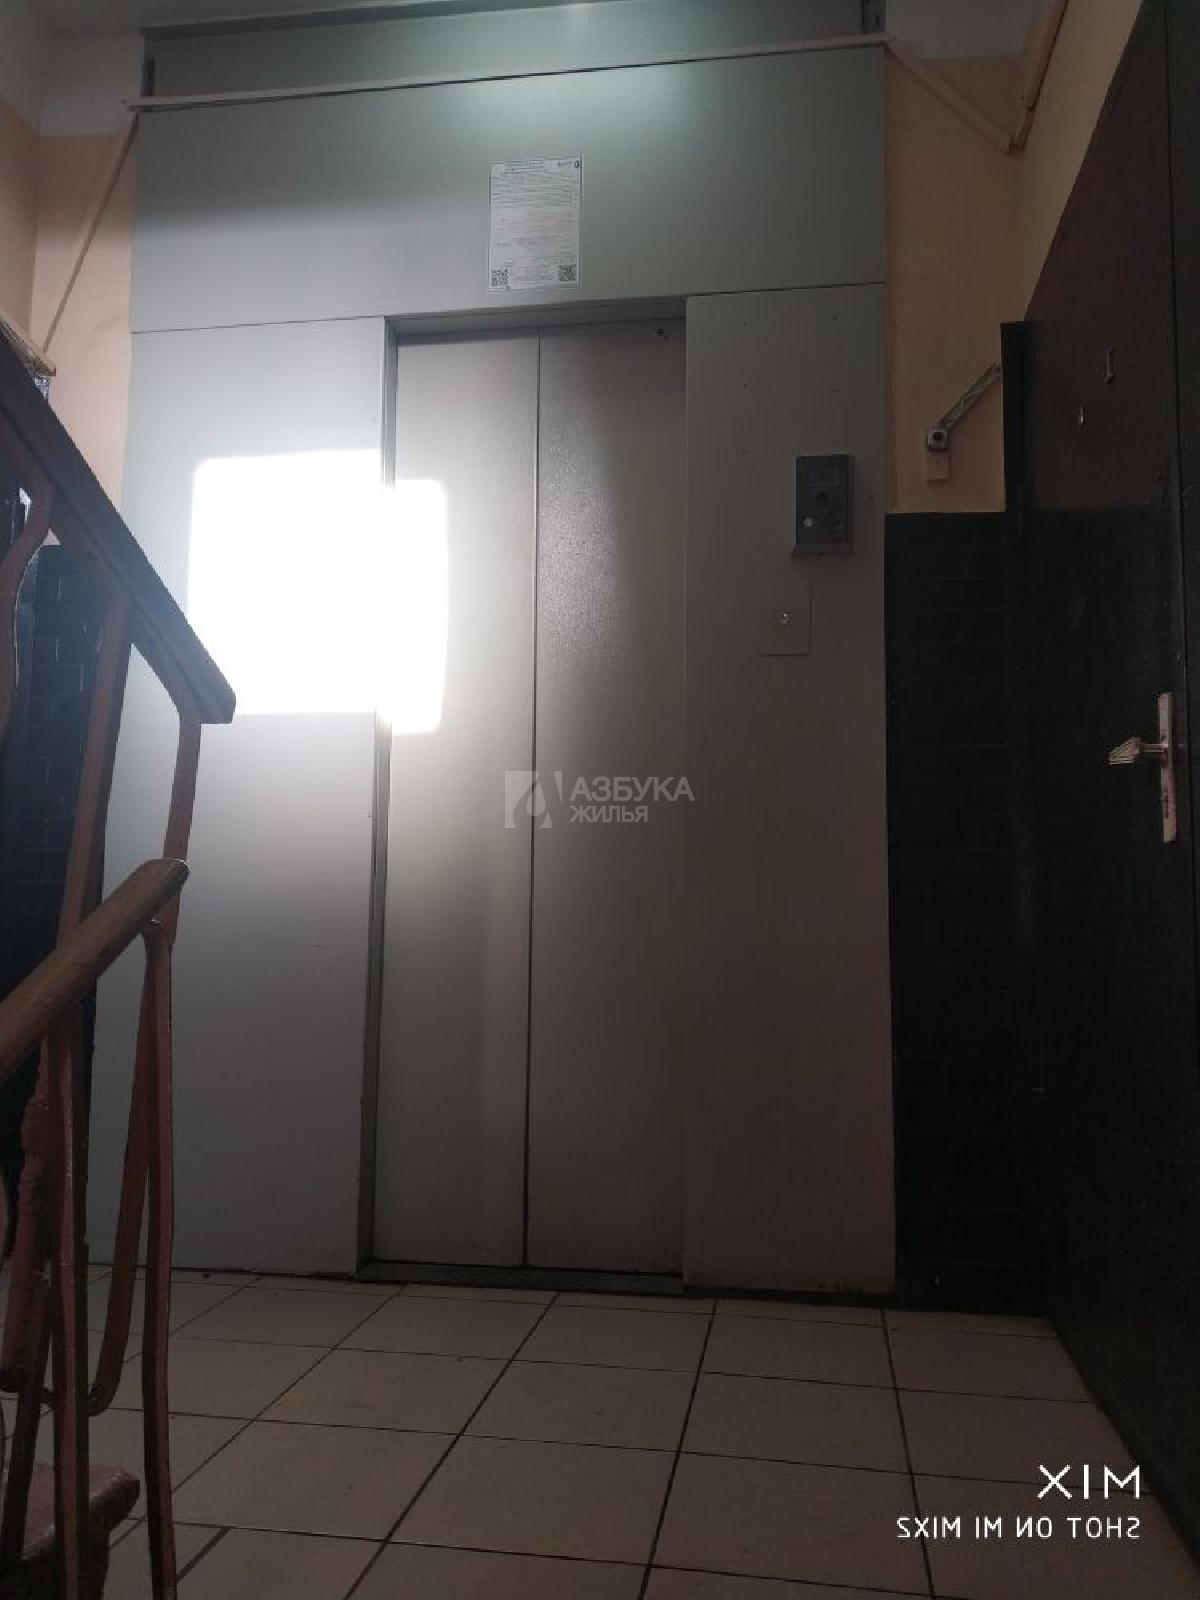 Фото №4 - 3-комнатная квартира, Москва, Академика Ильюшина улица 1 корпус 1, метро Аэропорт